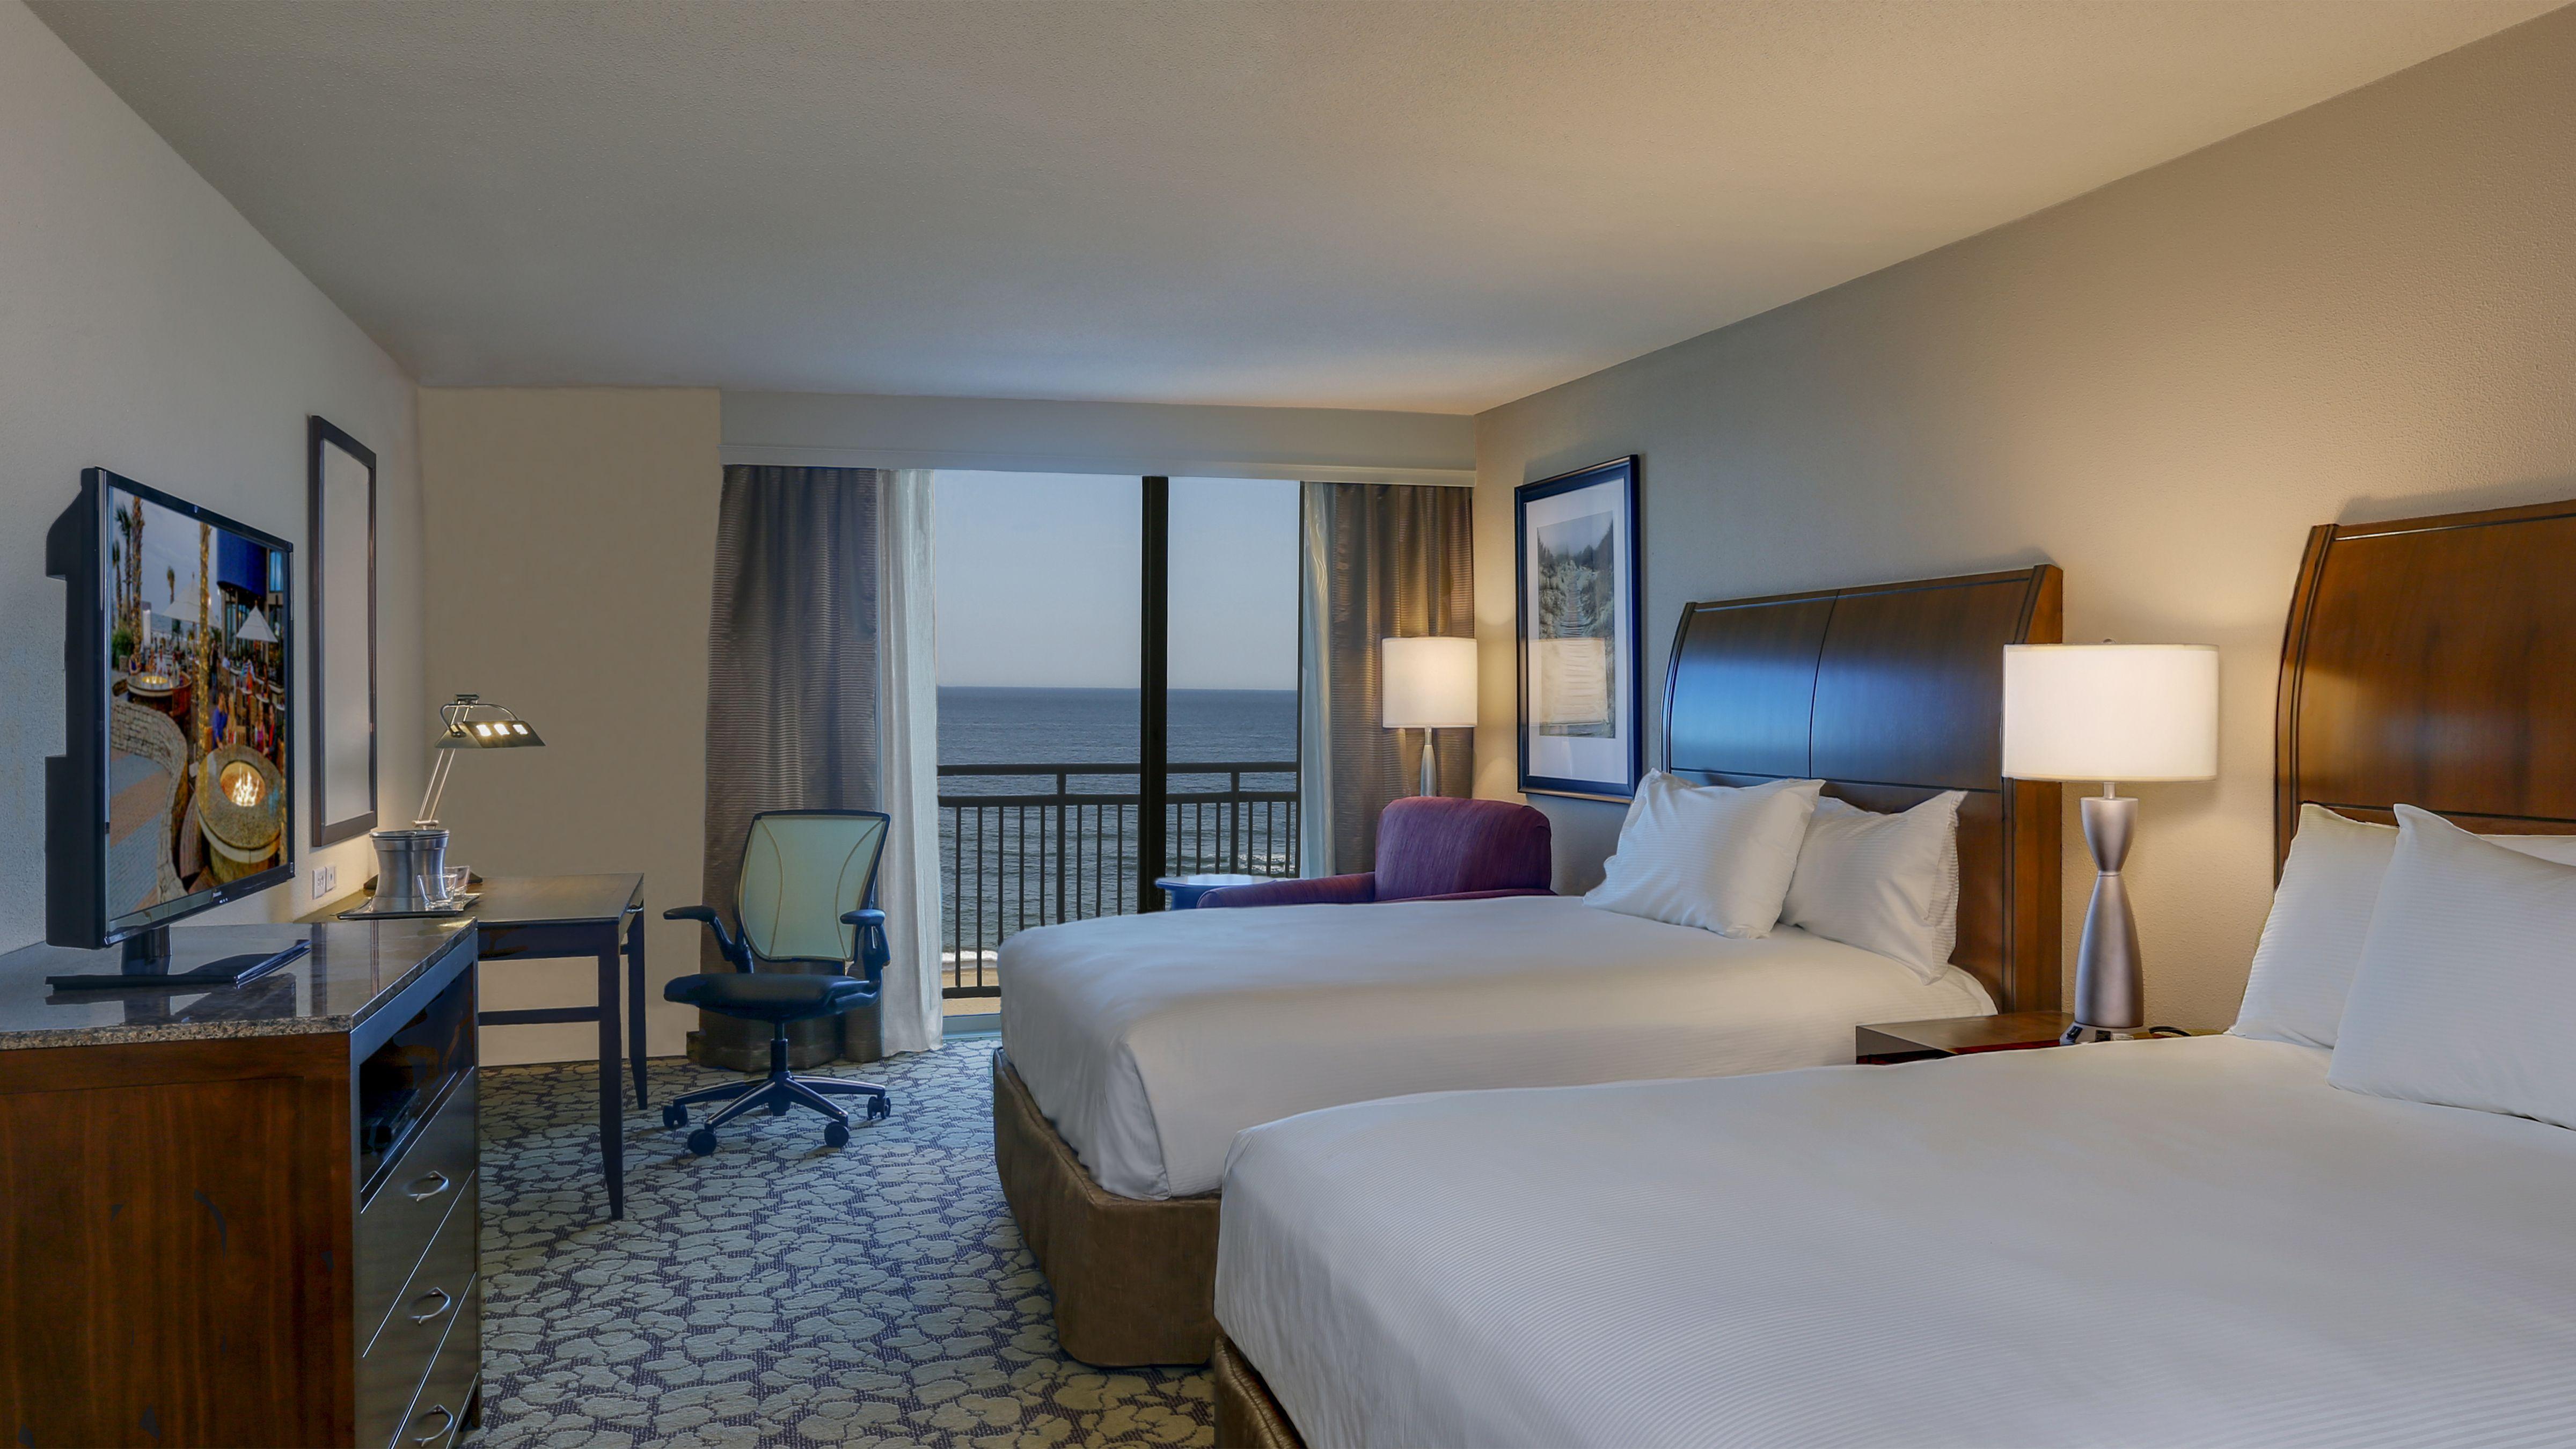 Virginia beach hotels oceanfront balcony 2018 world 39 s best hotels for Virginia beach suites oceanfront 2 bedroom